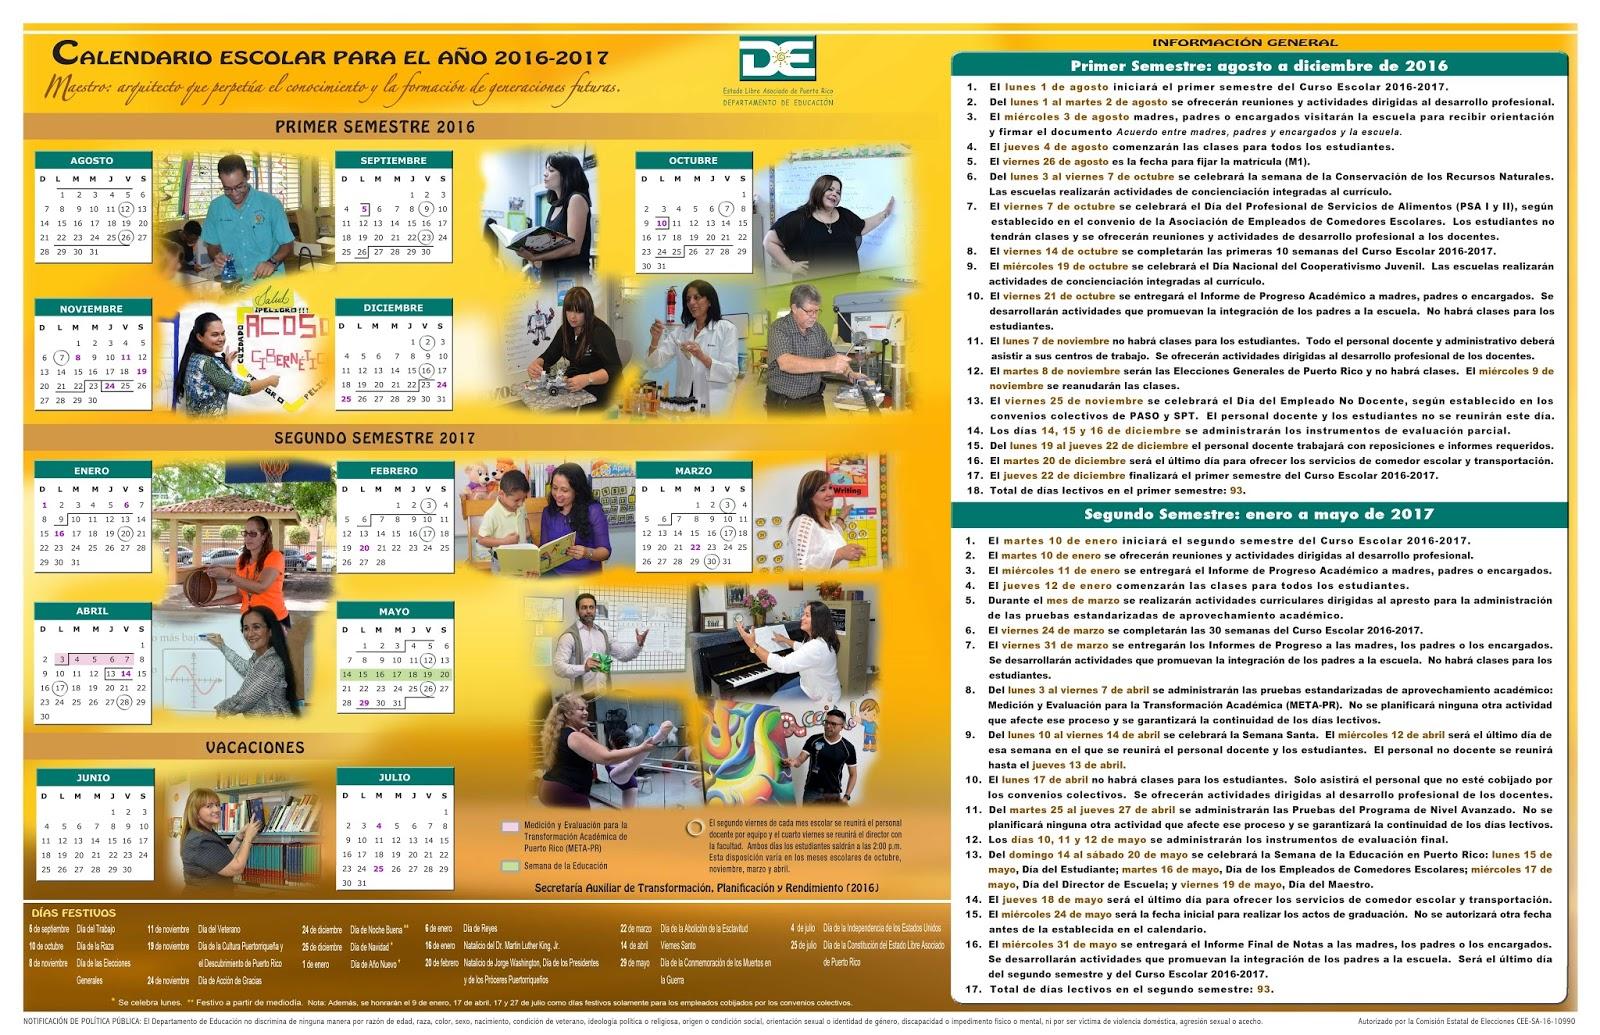 Calendario Escolar 2017 18 Puerto Rico 1